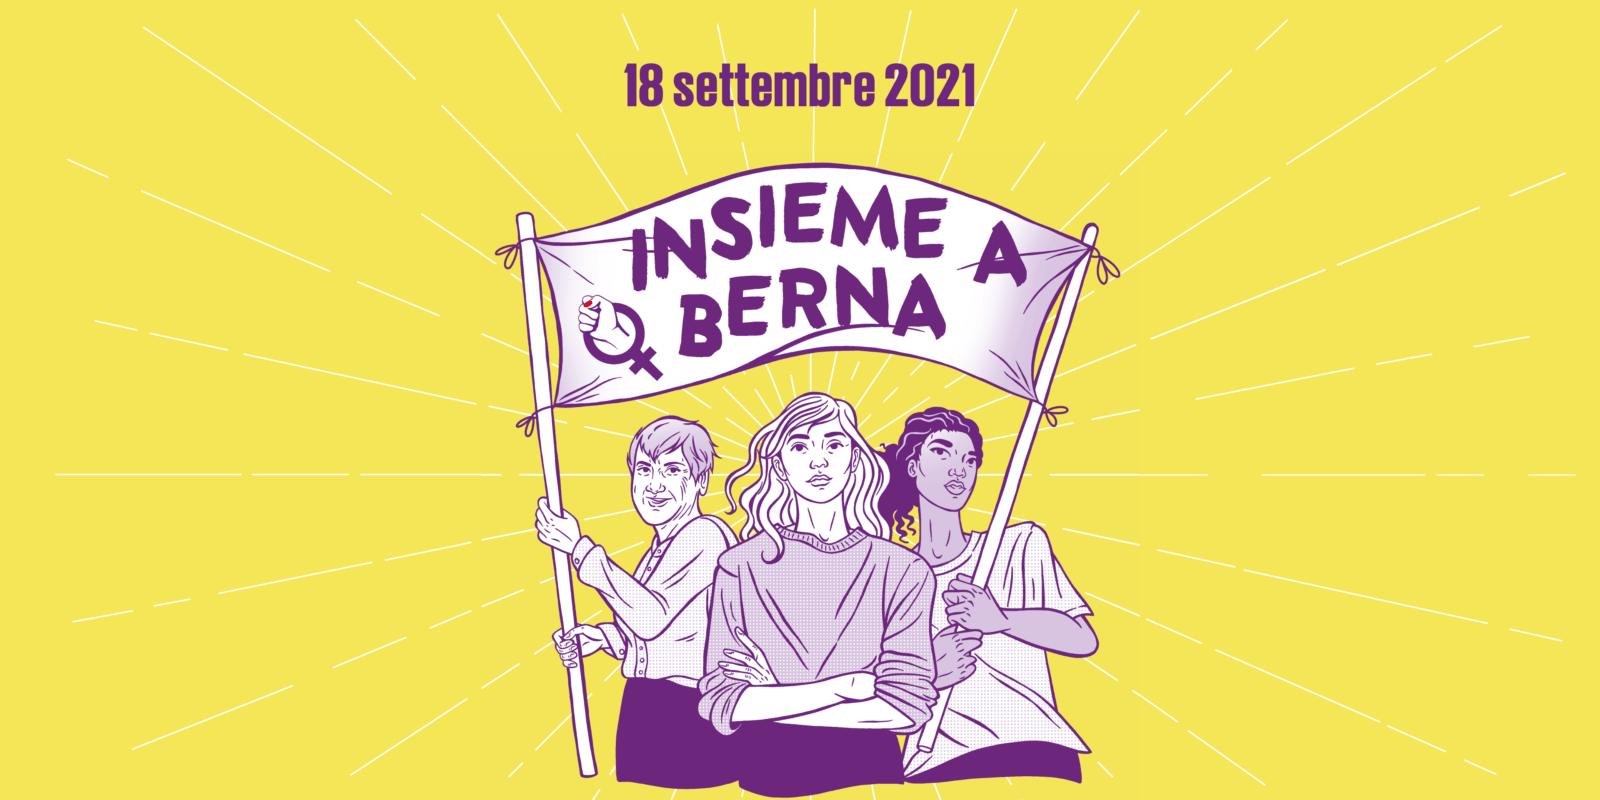 Insieme a Berna! Il 18 settembre 2021